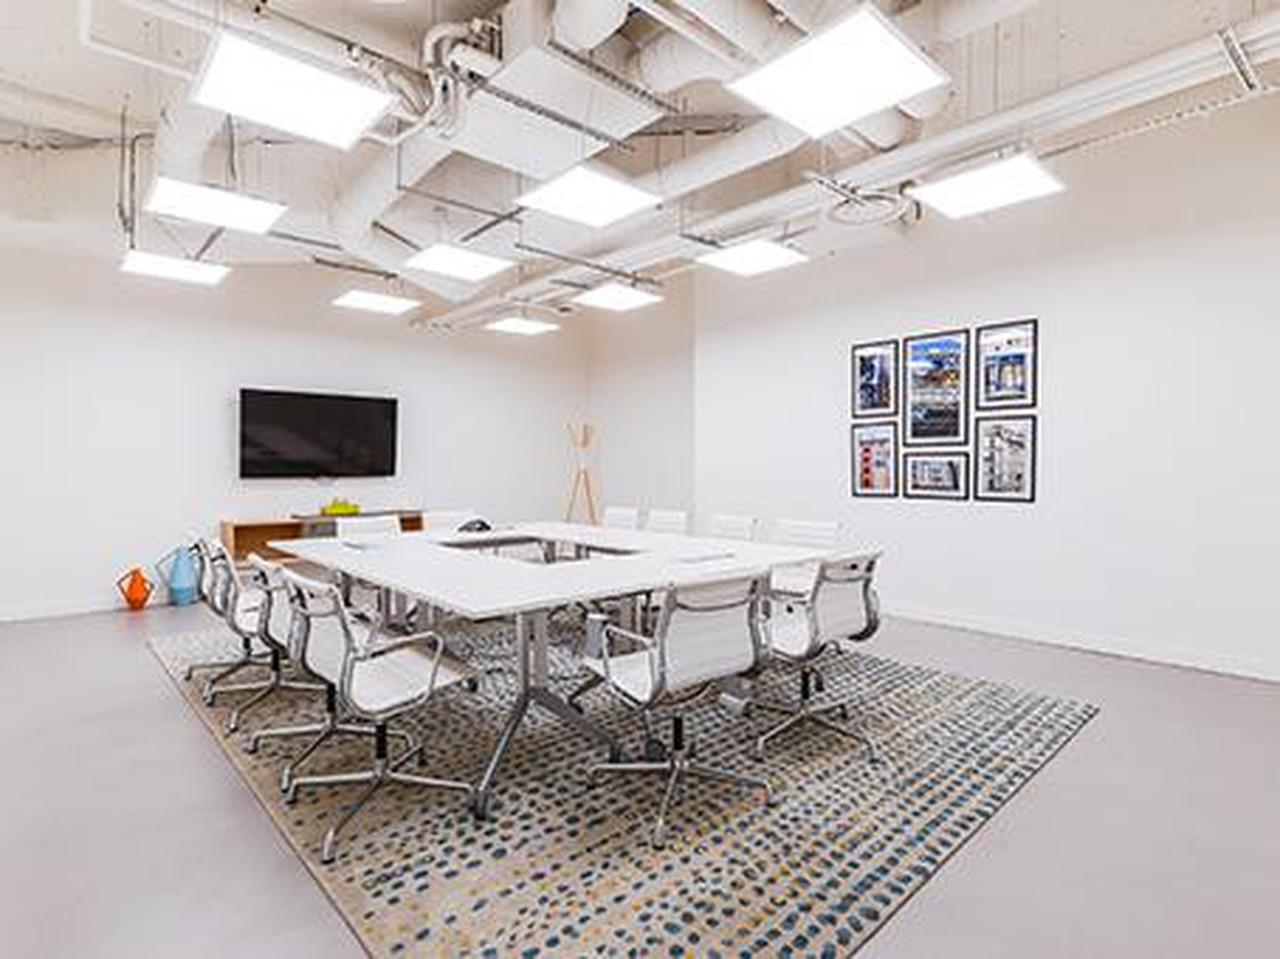 Autres villes conference rooms Salle de réunion Regus PARIS, Spaces Réaumur salle Parisien Libéré image 10